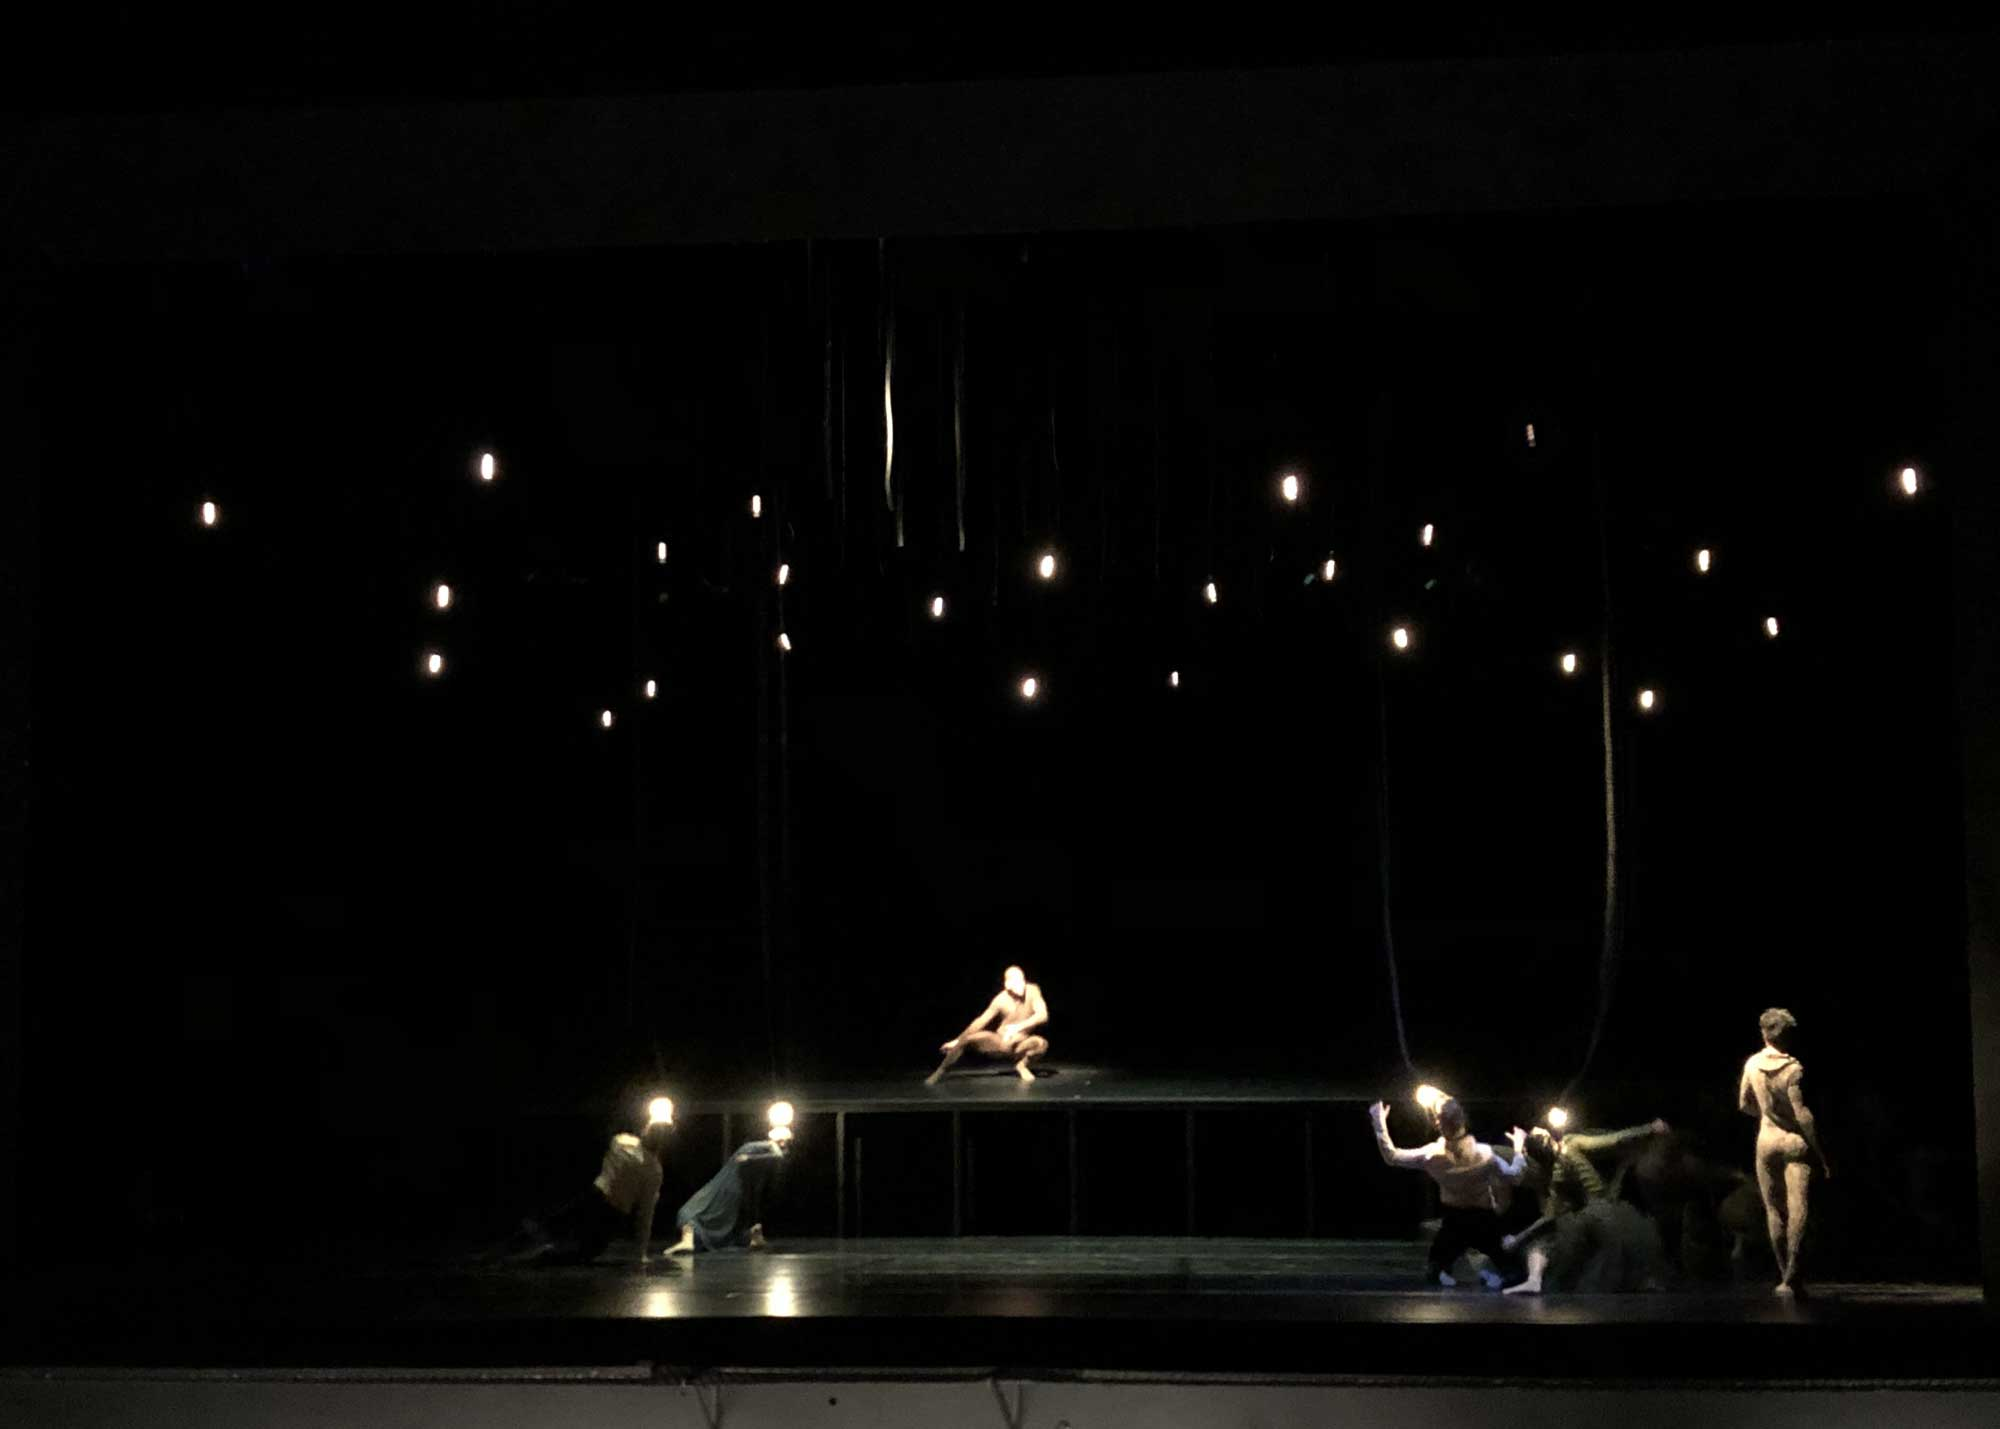 Karl Wiedemann Meister², Lichtdesign, A Midsummernight's Dream (2)